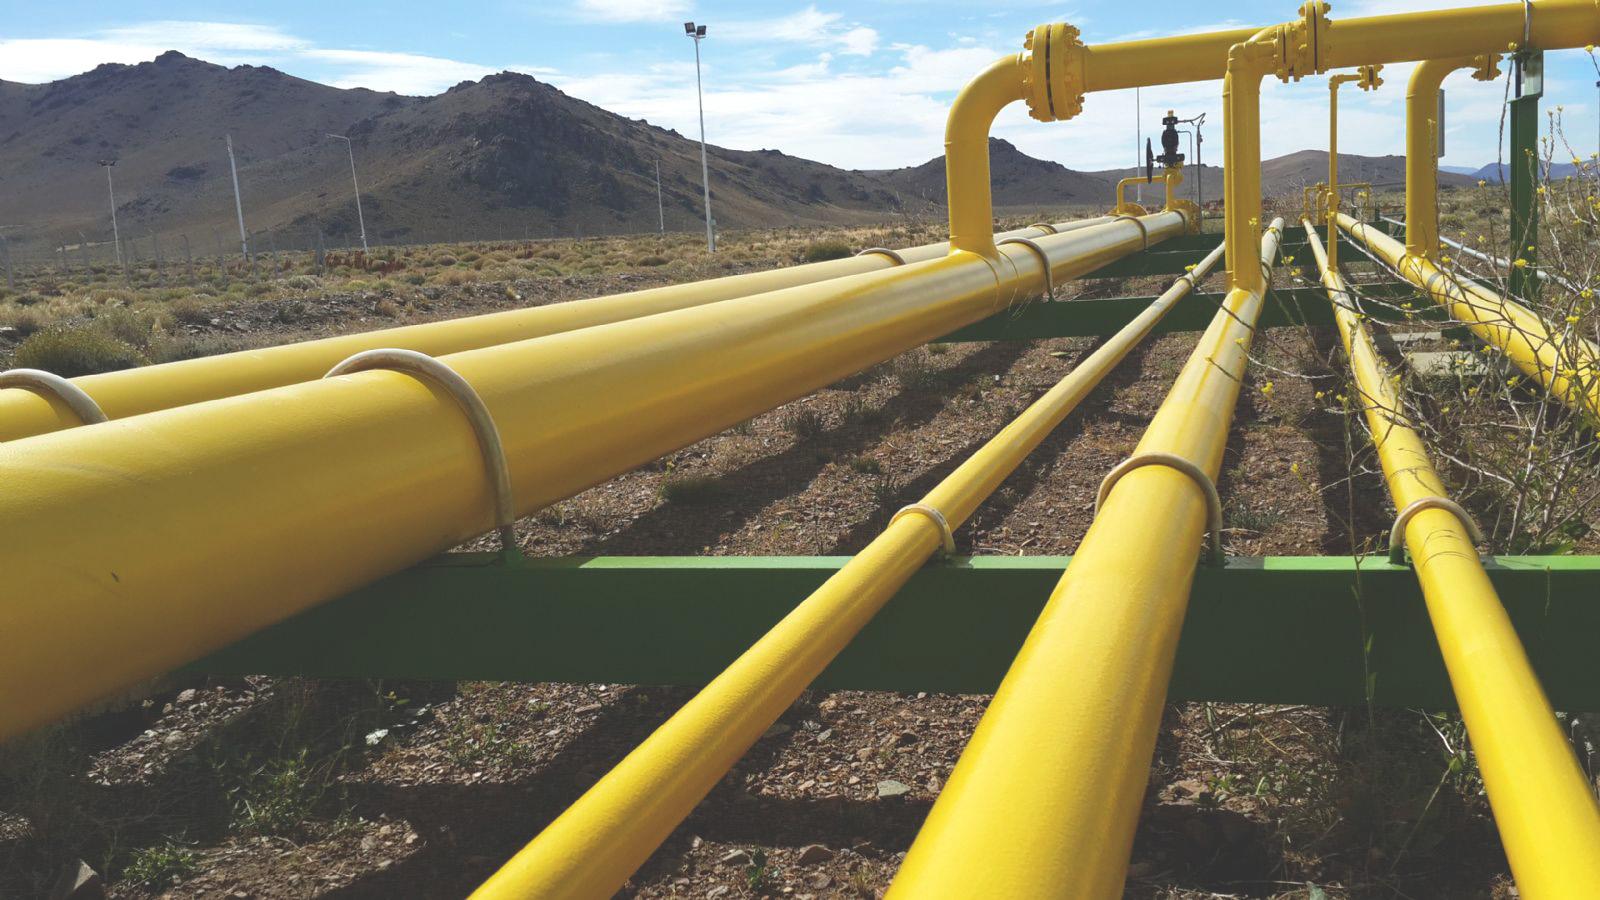 Camuzzi informa a la comunidad sobre el estado de avance de nuevas obras energéticas en la Provincia de Chubut, más precisamente en las ciudades de Comodoro Rivadavia, Sarmiento y Esquel, que contemplan una inversión adicional de $72.3 millones de pesos.